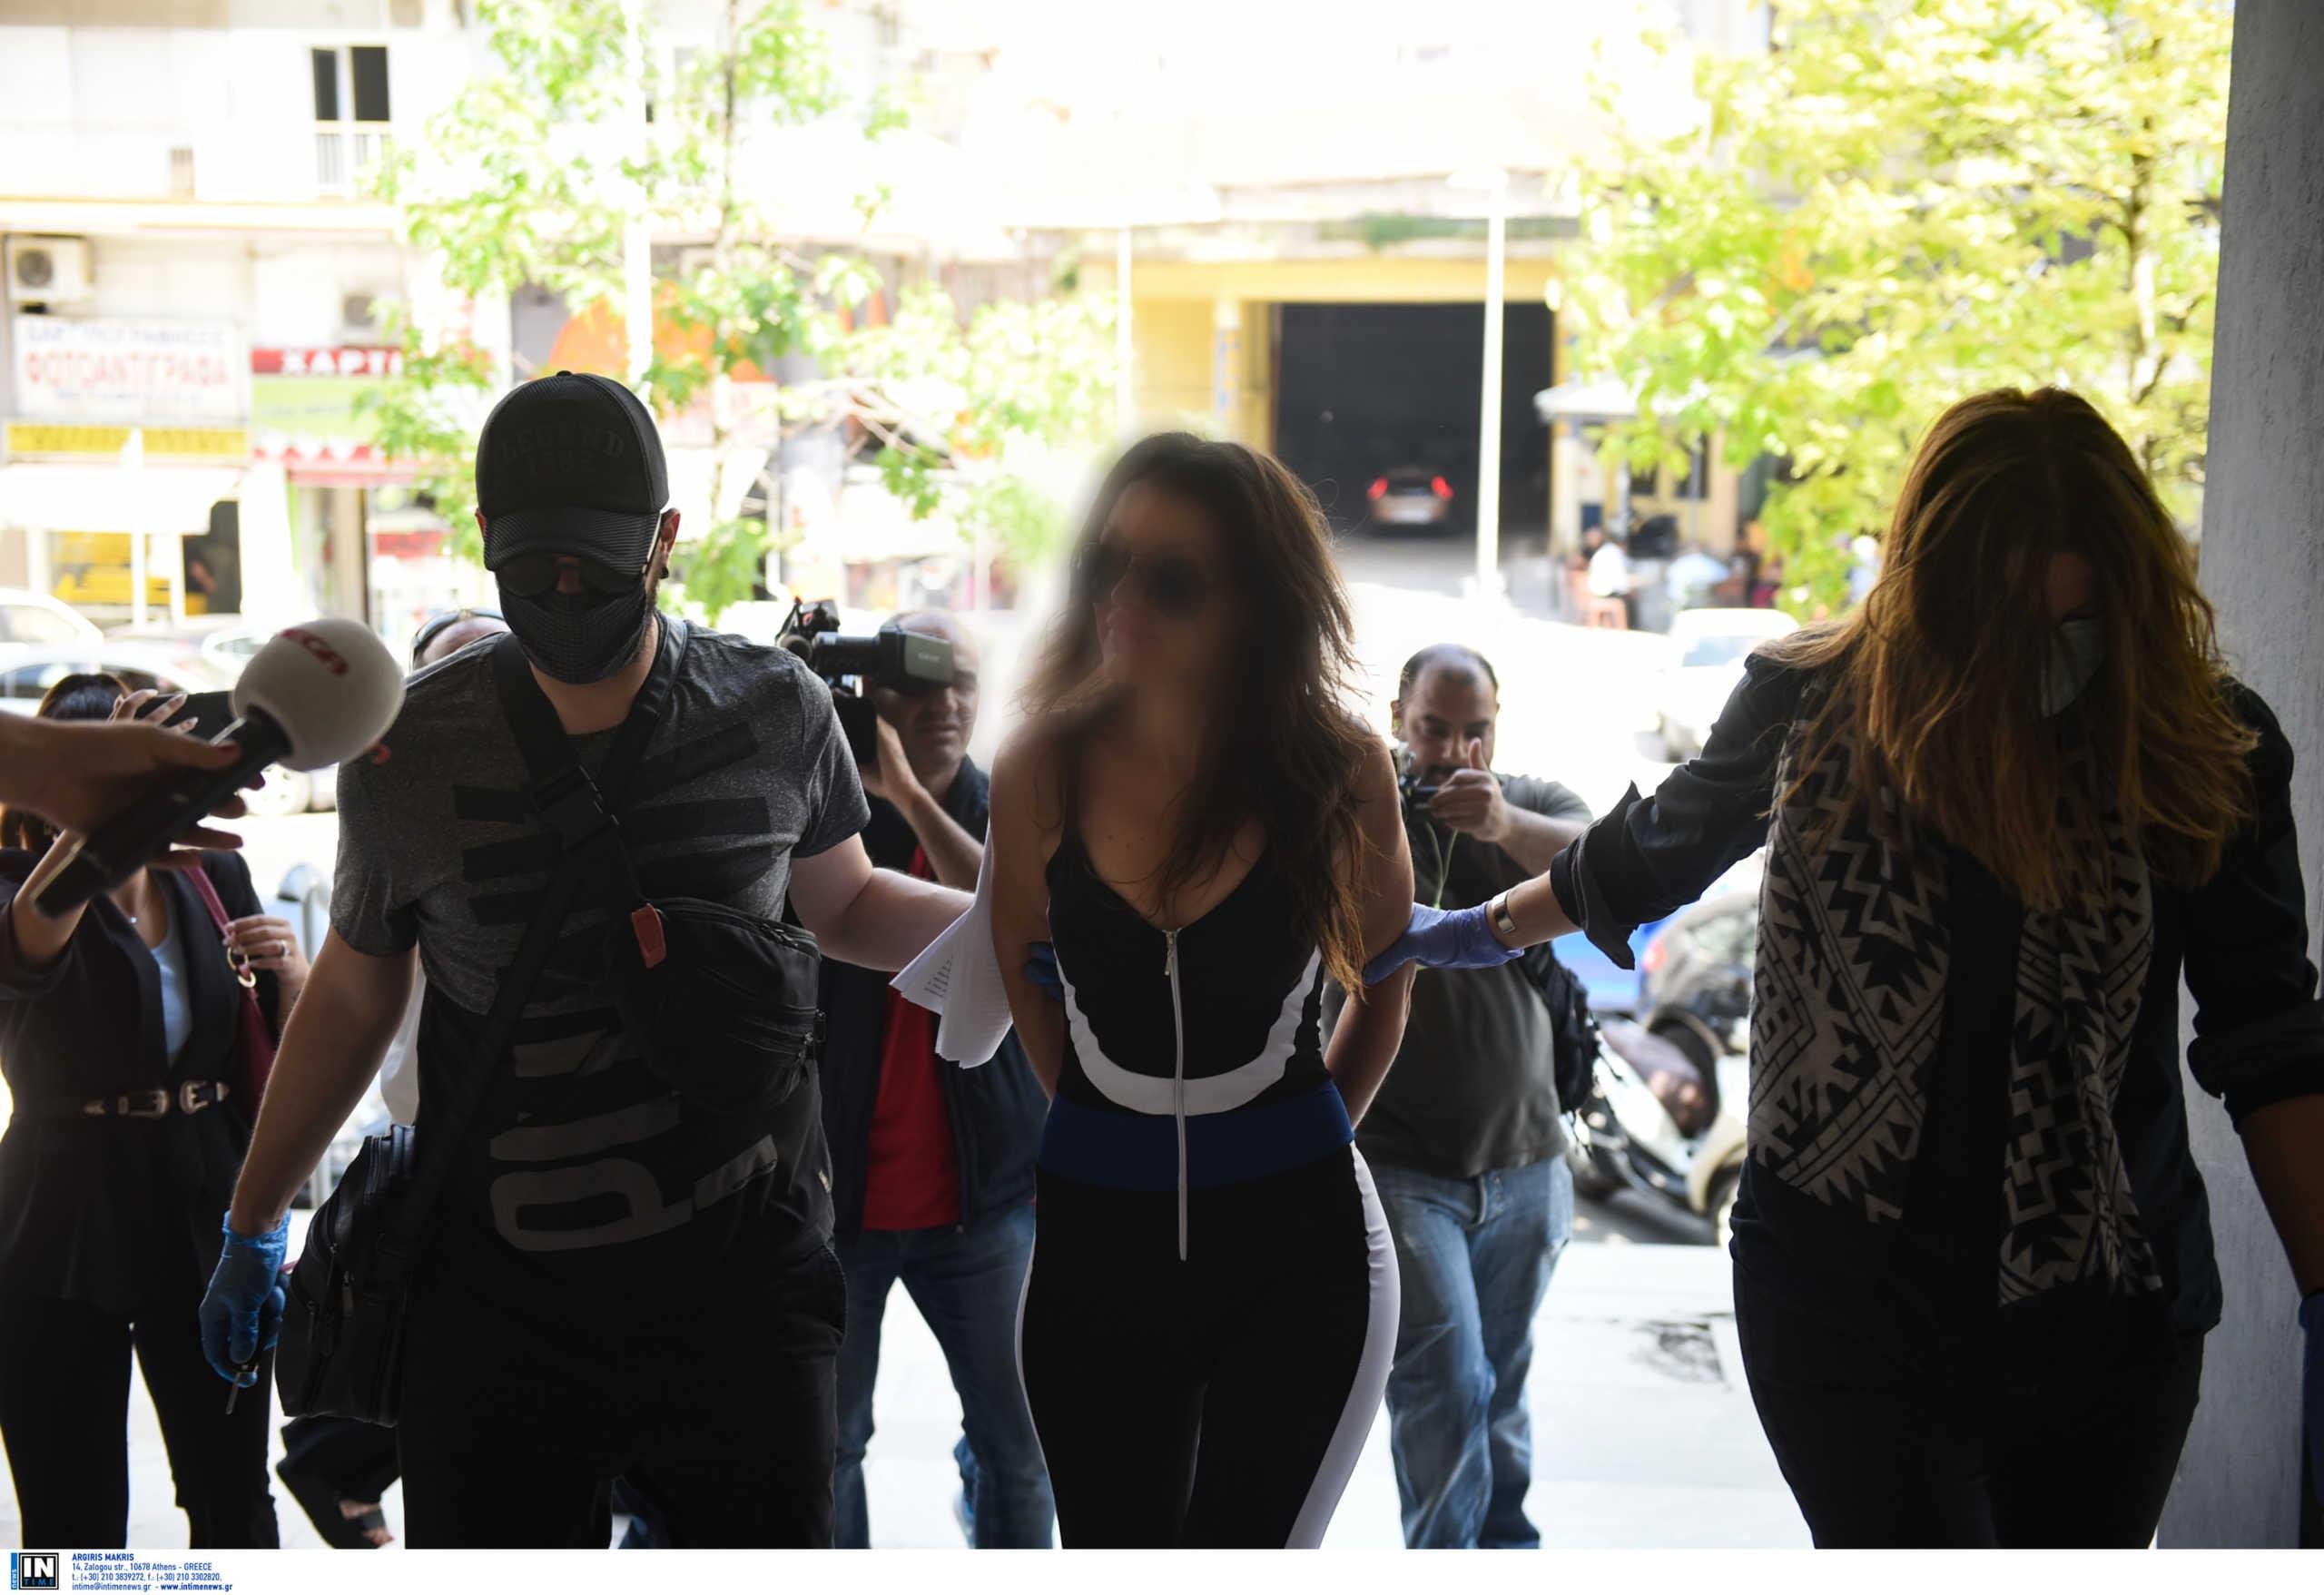 Αναβλήθηκε η δίκη της «παρουσιάστριας» που έριξε νερό στο Νίκο Χαρδαλιά